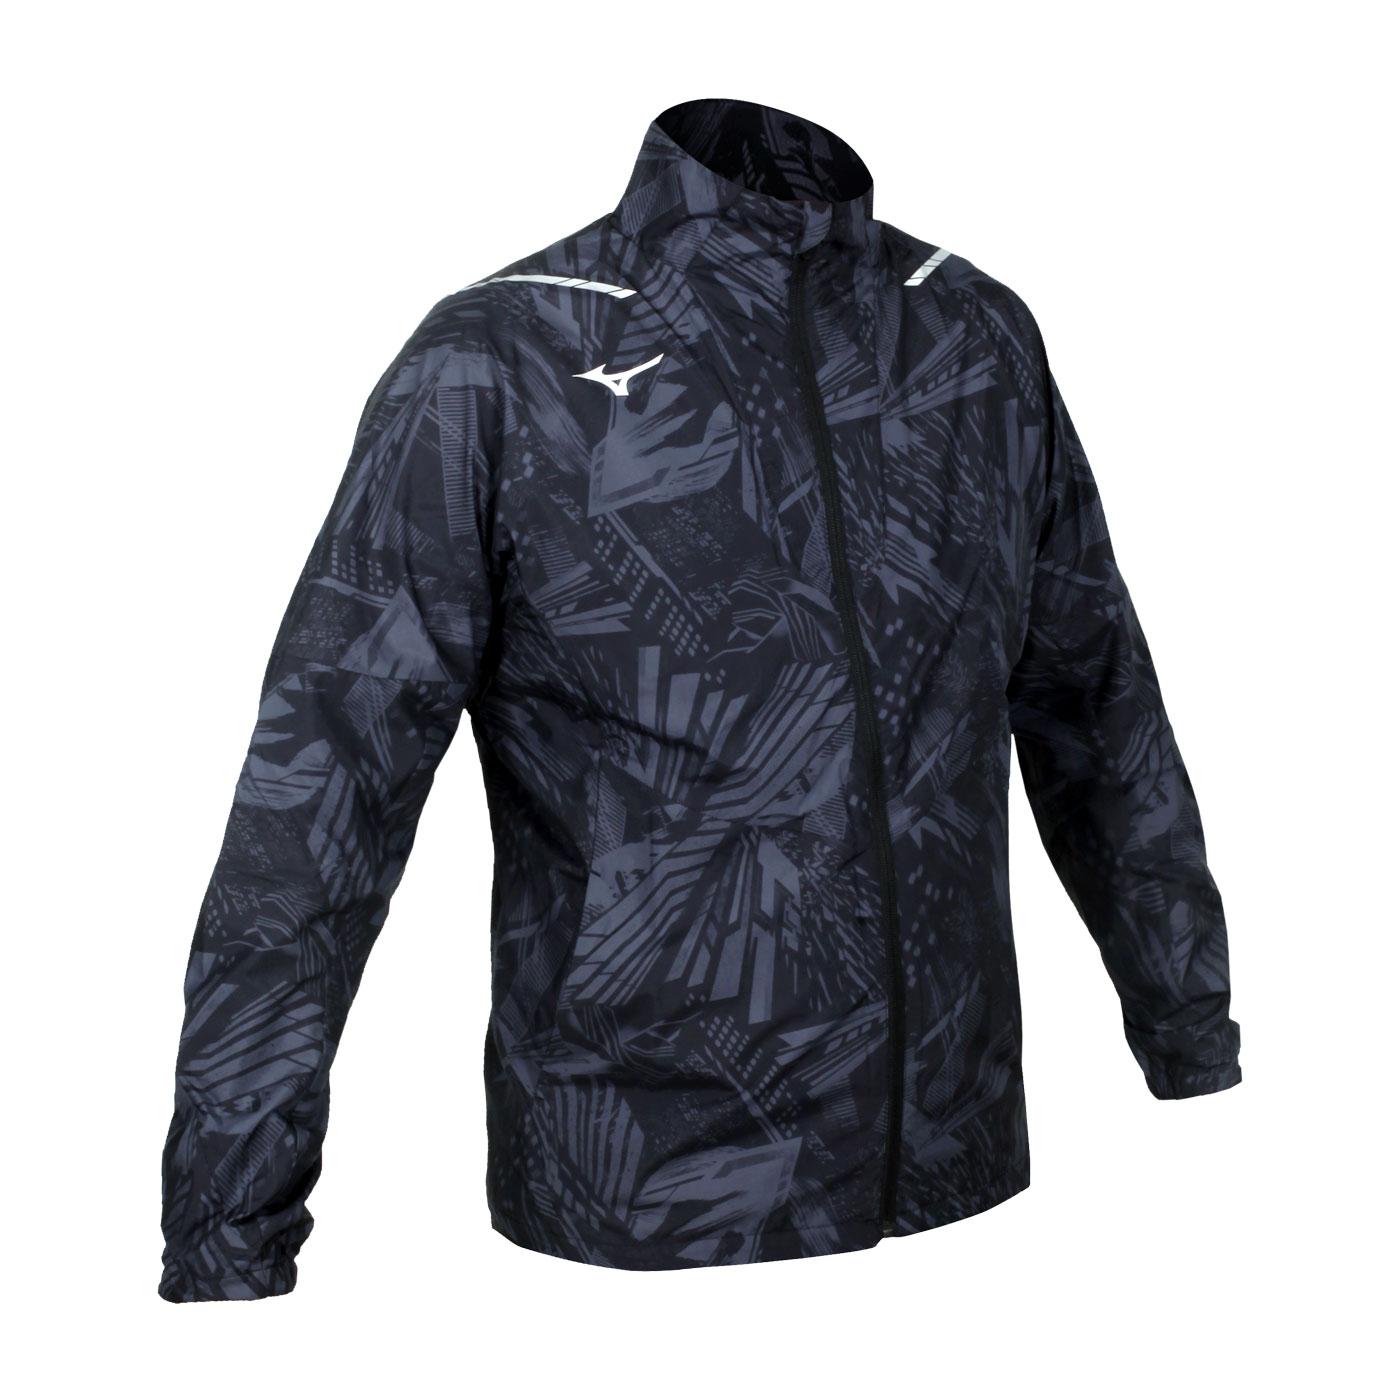 MIZUNO 男款平織運動外套 32ME051008 - 黑灰銀